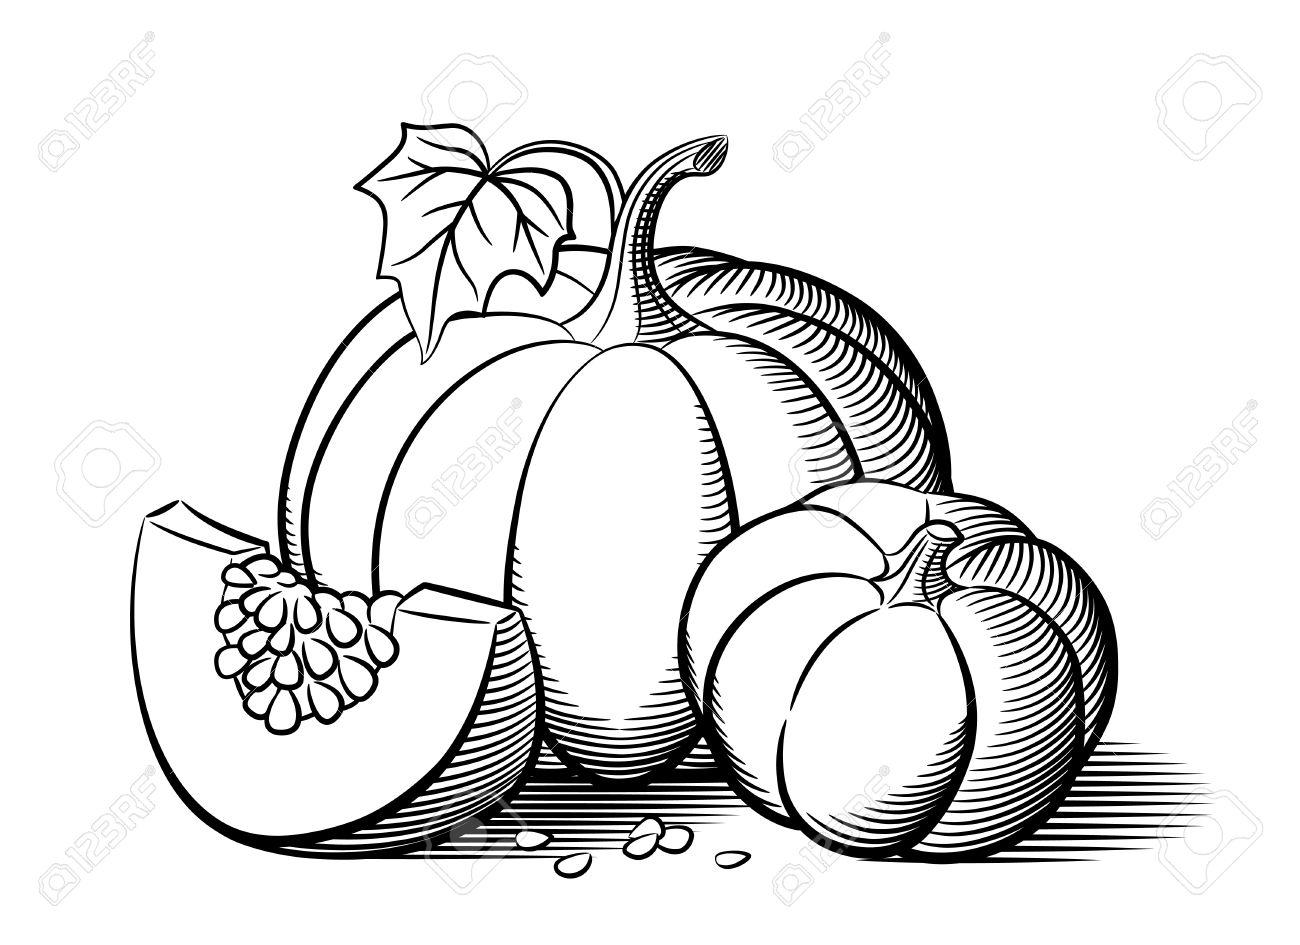 Stylized Image Of Pumpkins. Big Pumpkin, Small Pumpkin And Pumkin ...